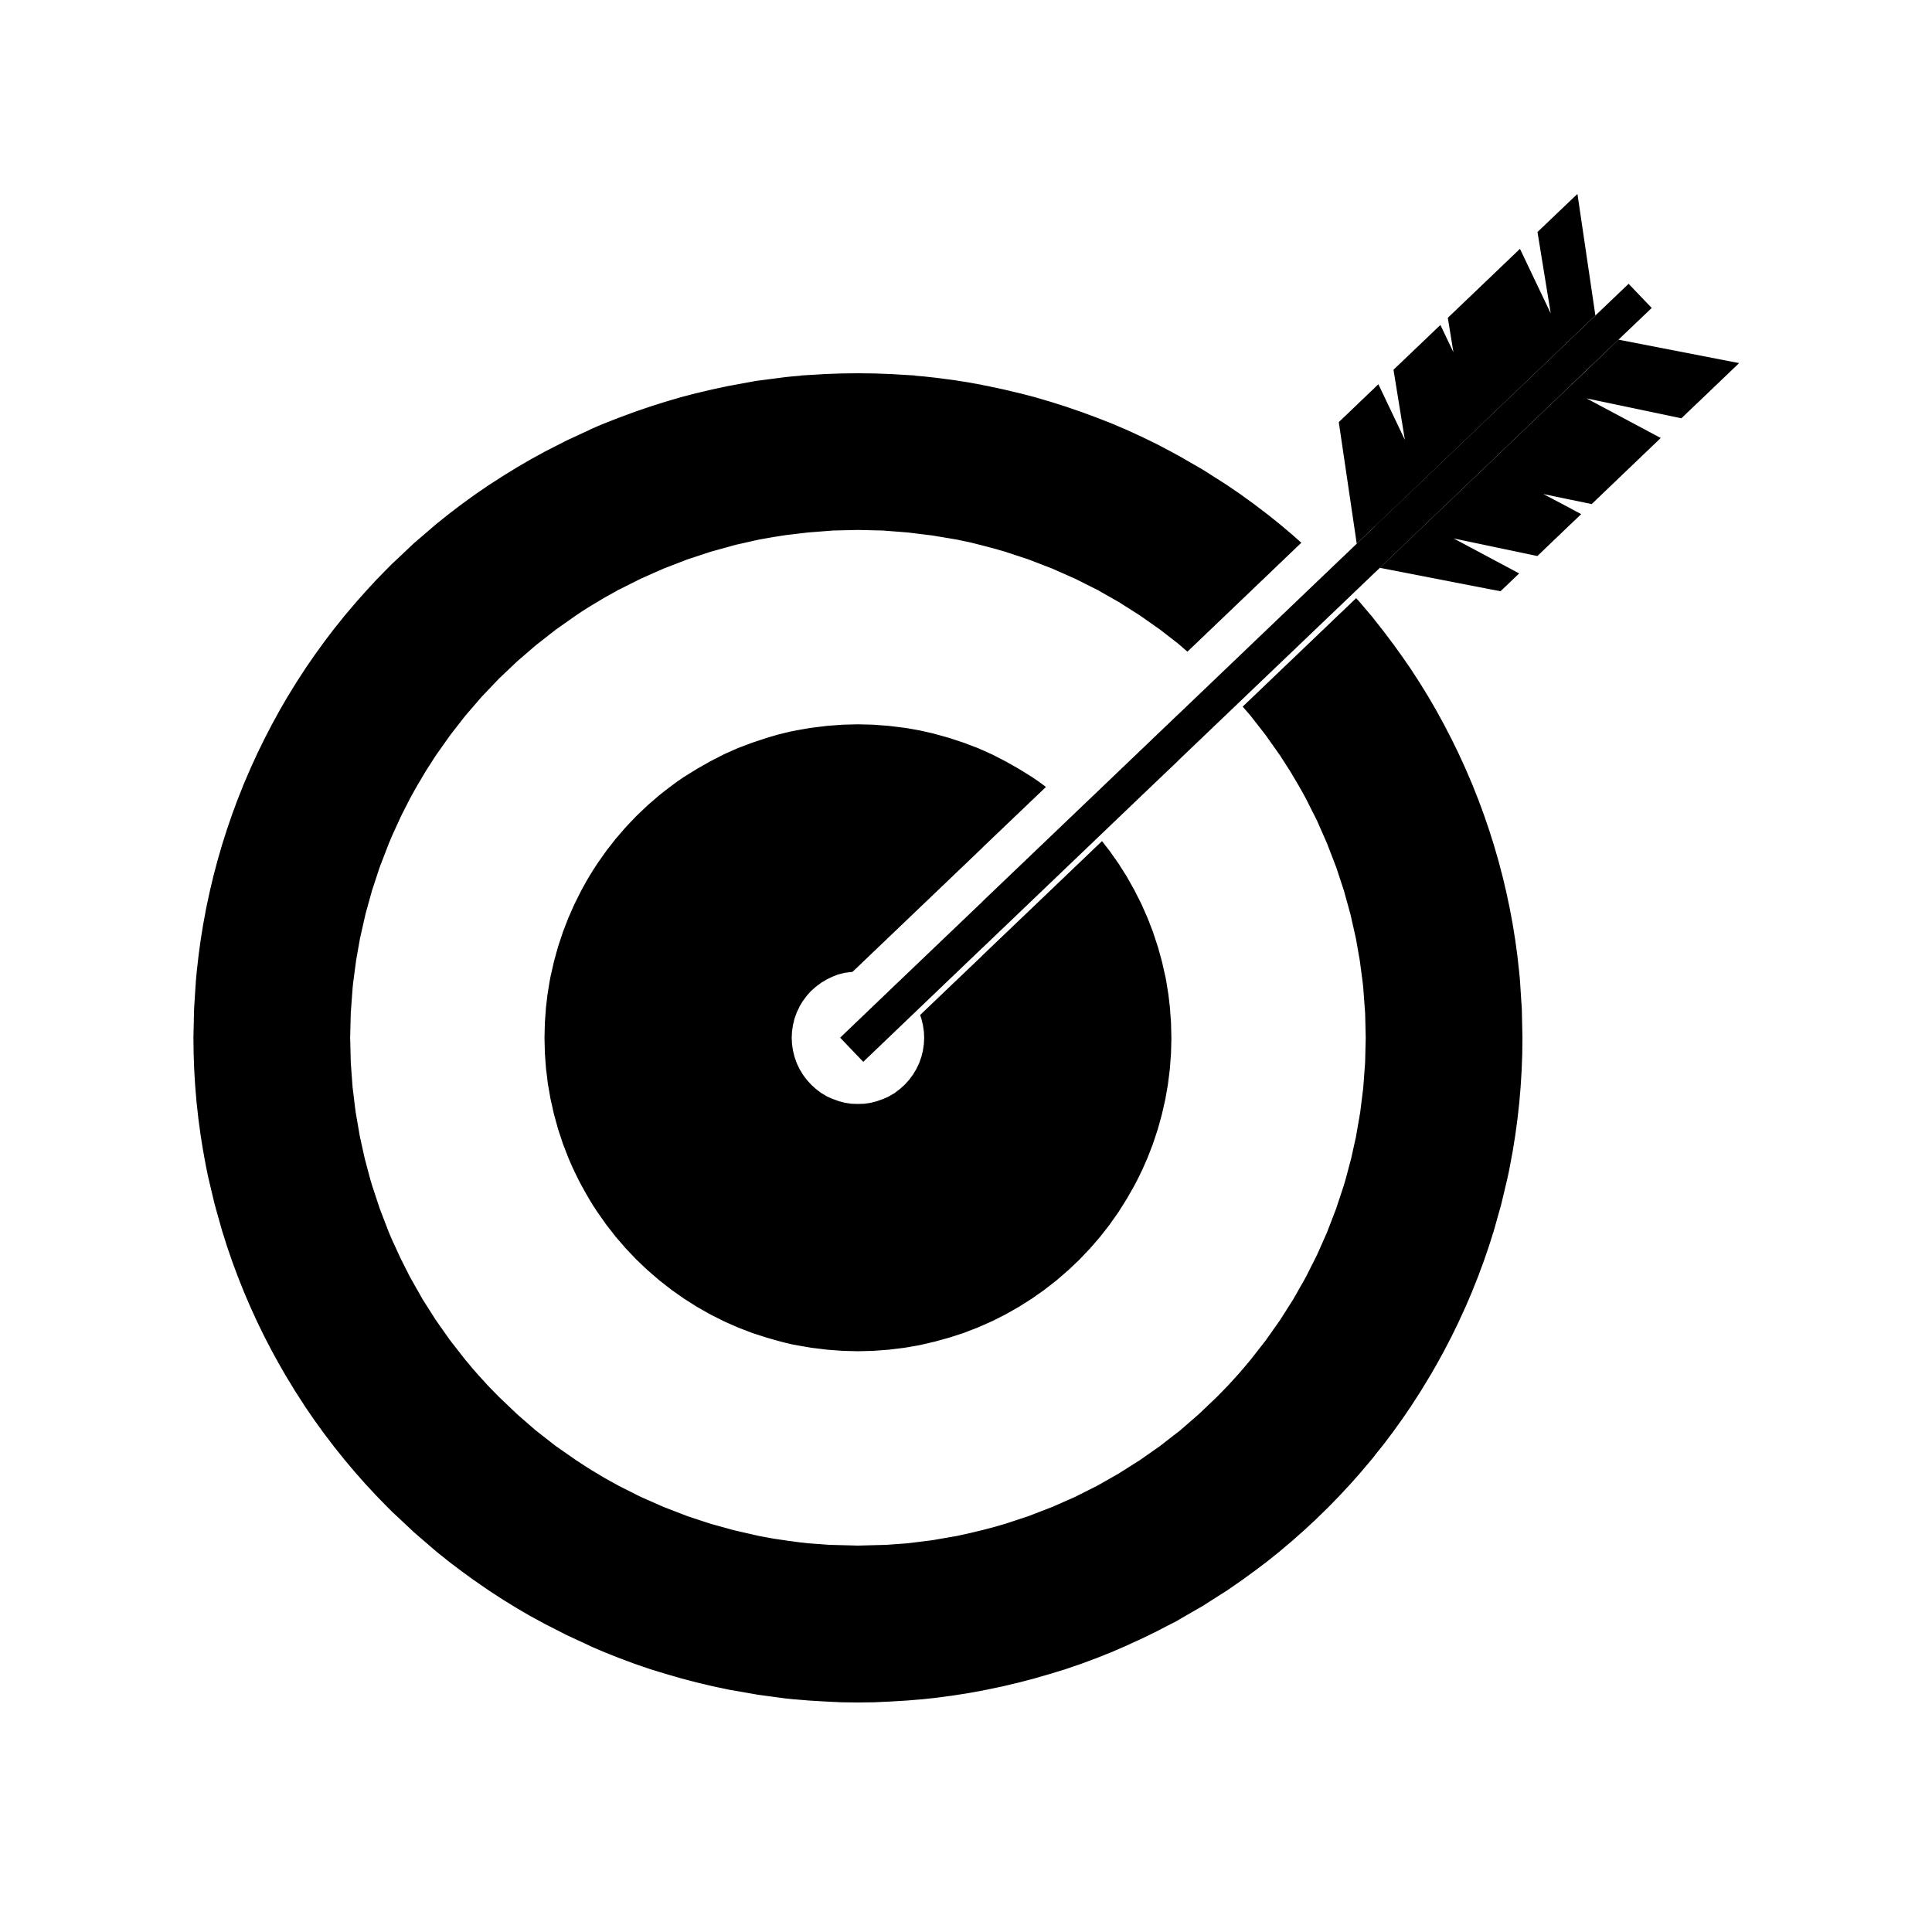 Eine angedeutete Zielscheibe mit einem Pfeil im Zentrum